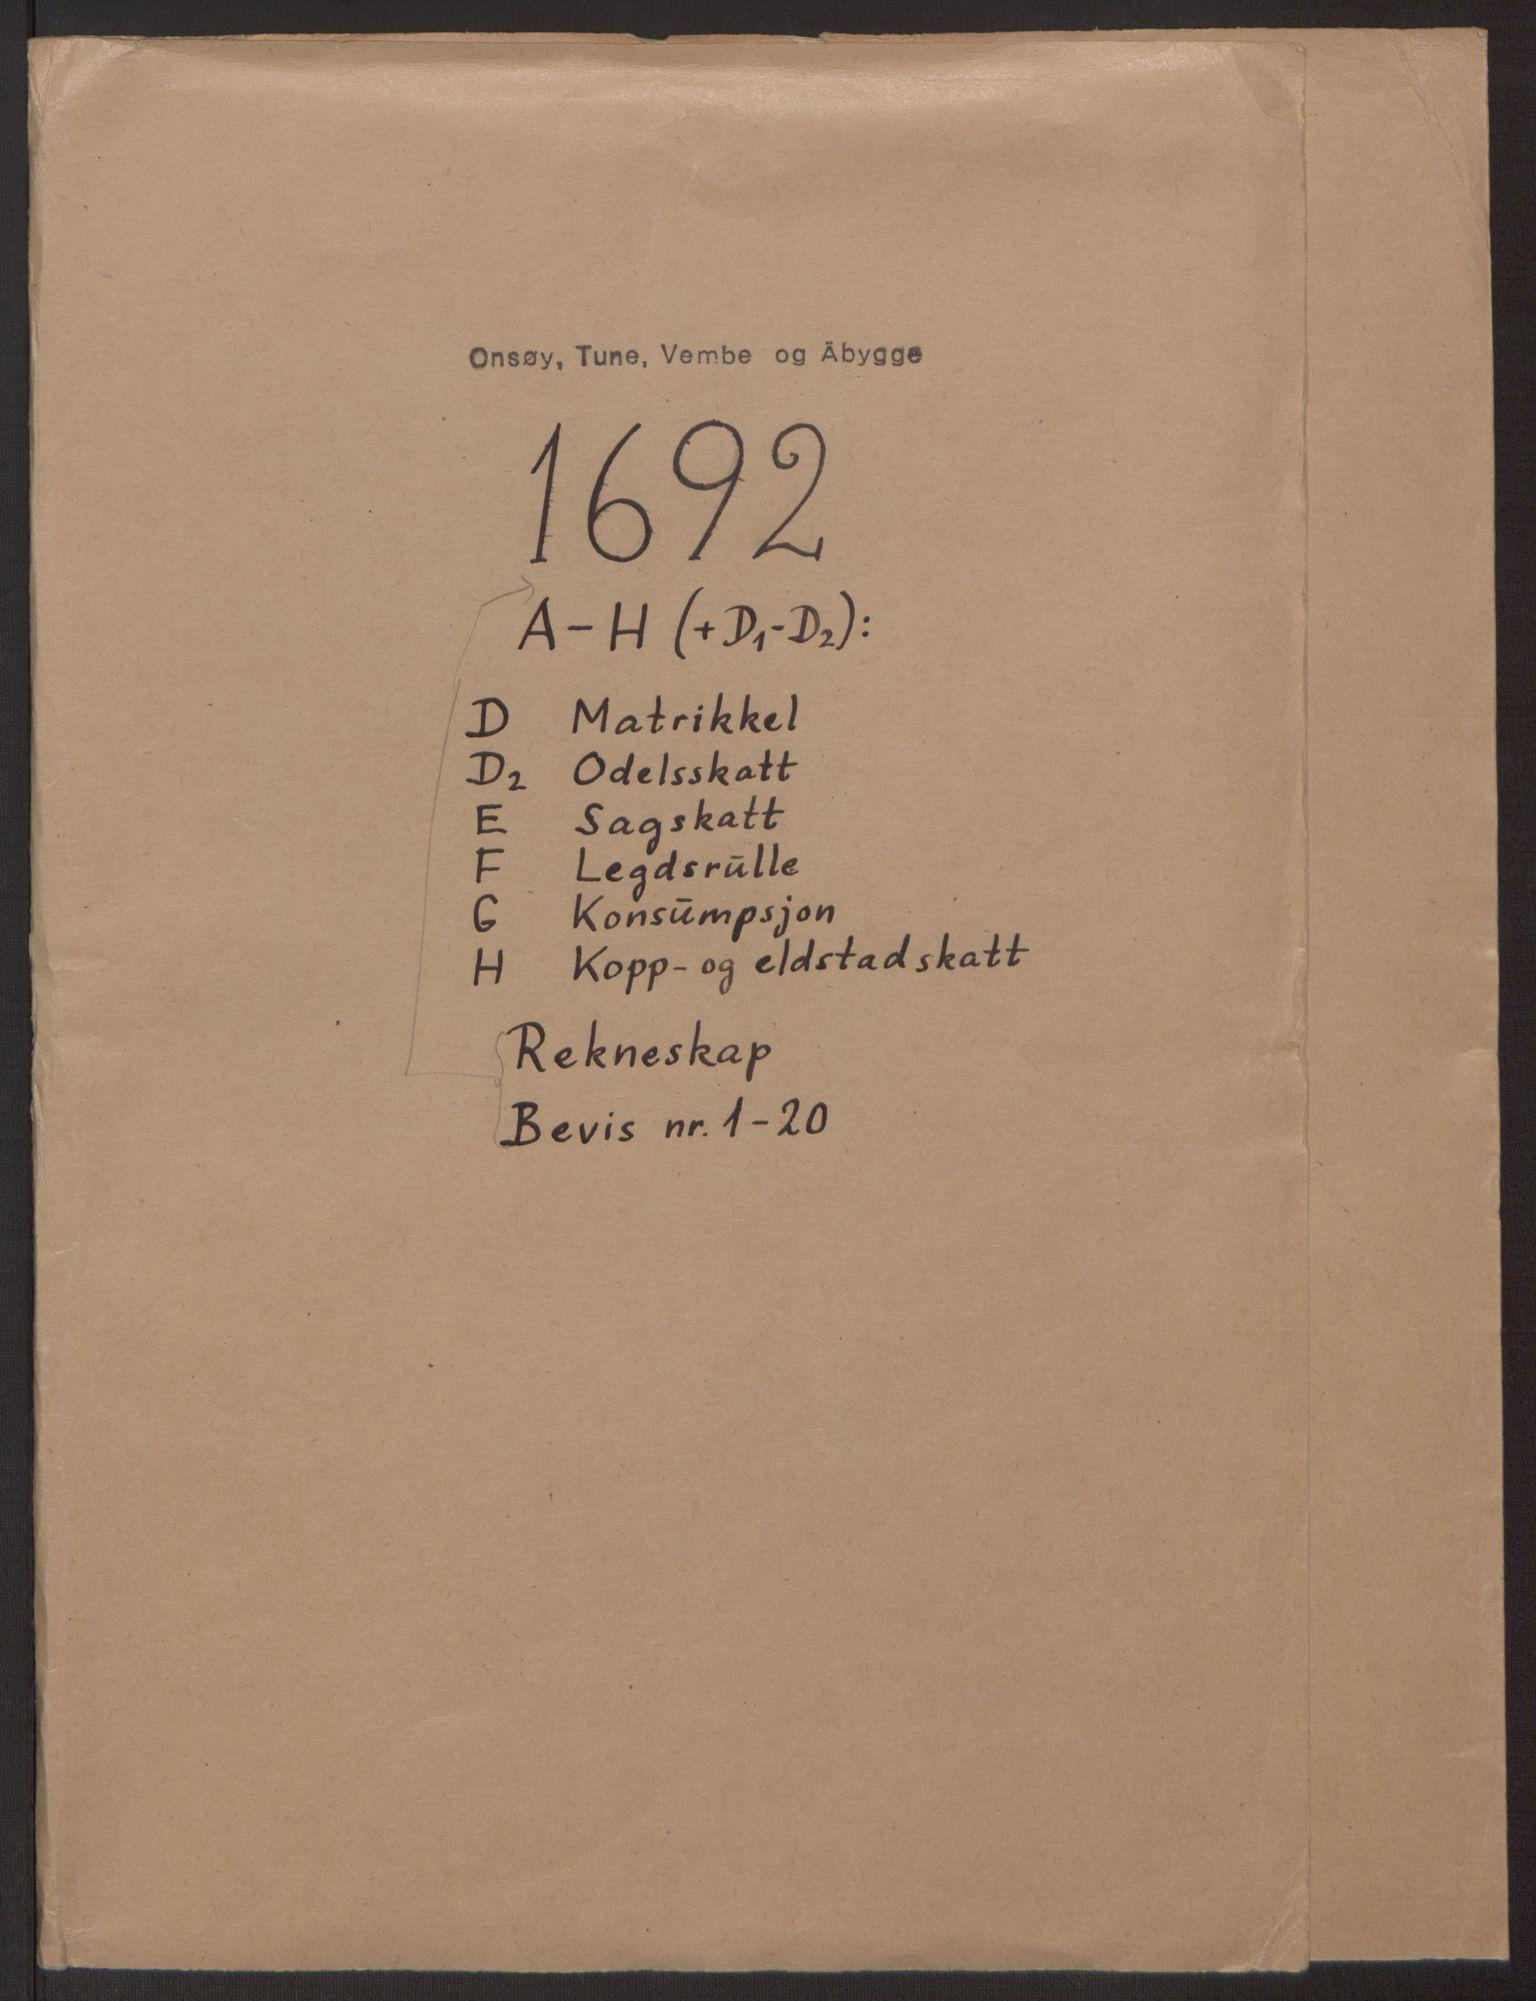 RA, Rentekammeret inntil 1814, Reviderte regnskaper, Fogderegnskap, R03/L0120: Fogderegnskap Onsøy, Tune, Veme og Åbygge fogderi, 1692-1693, s. 1